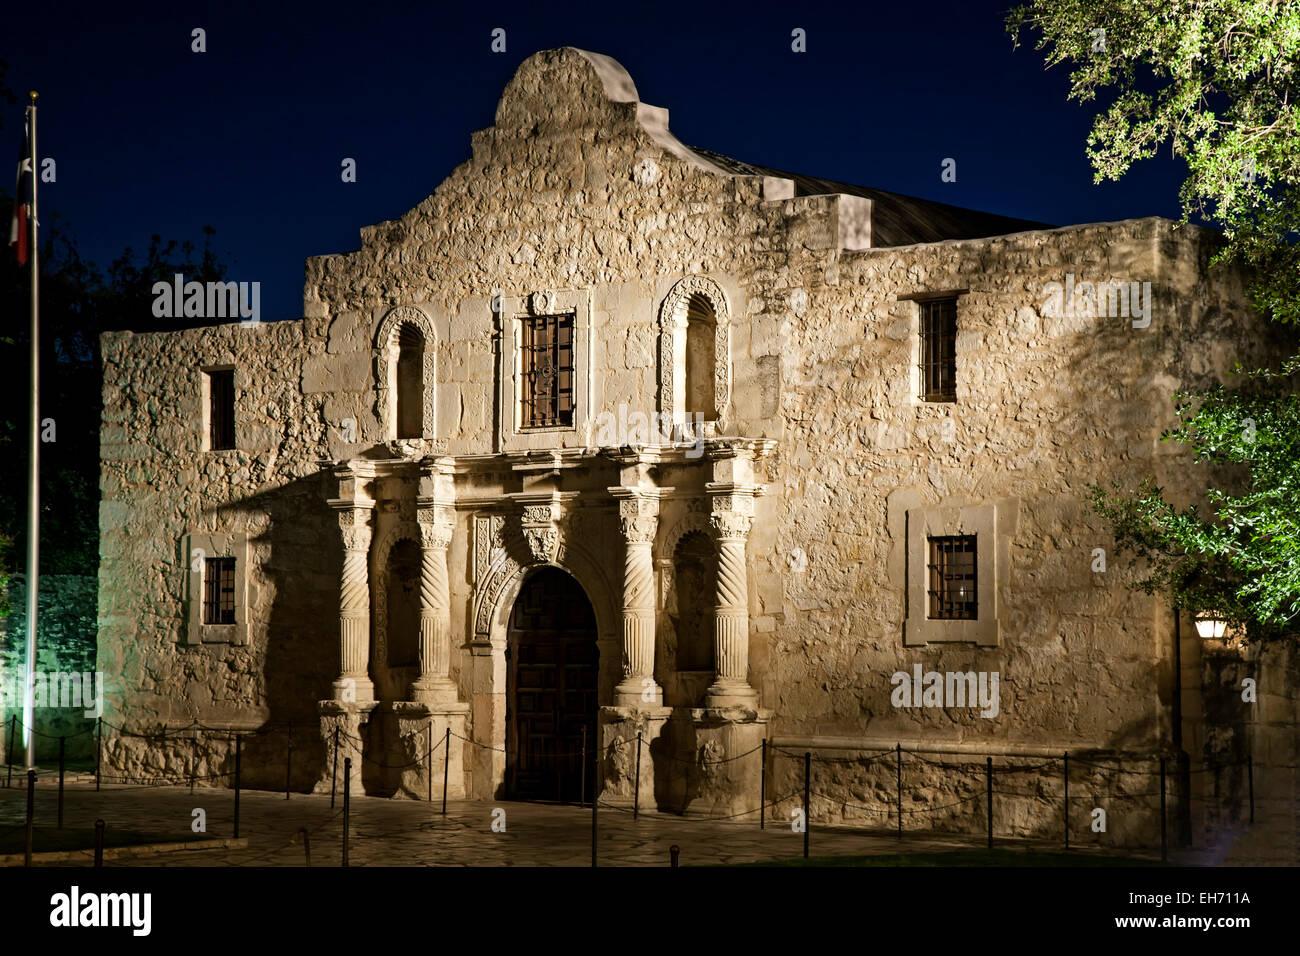 The Alamo (Mission San Antonio de Valero), San Antonio, Texas USA - Stock Image